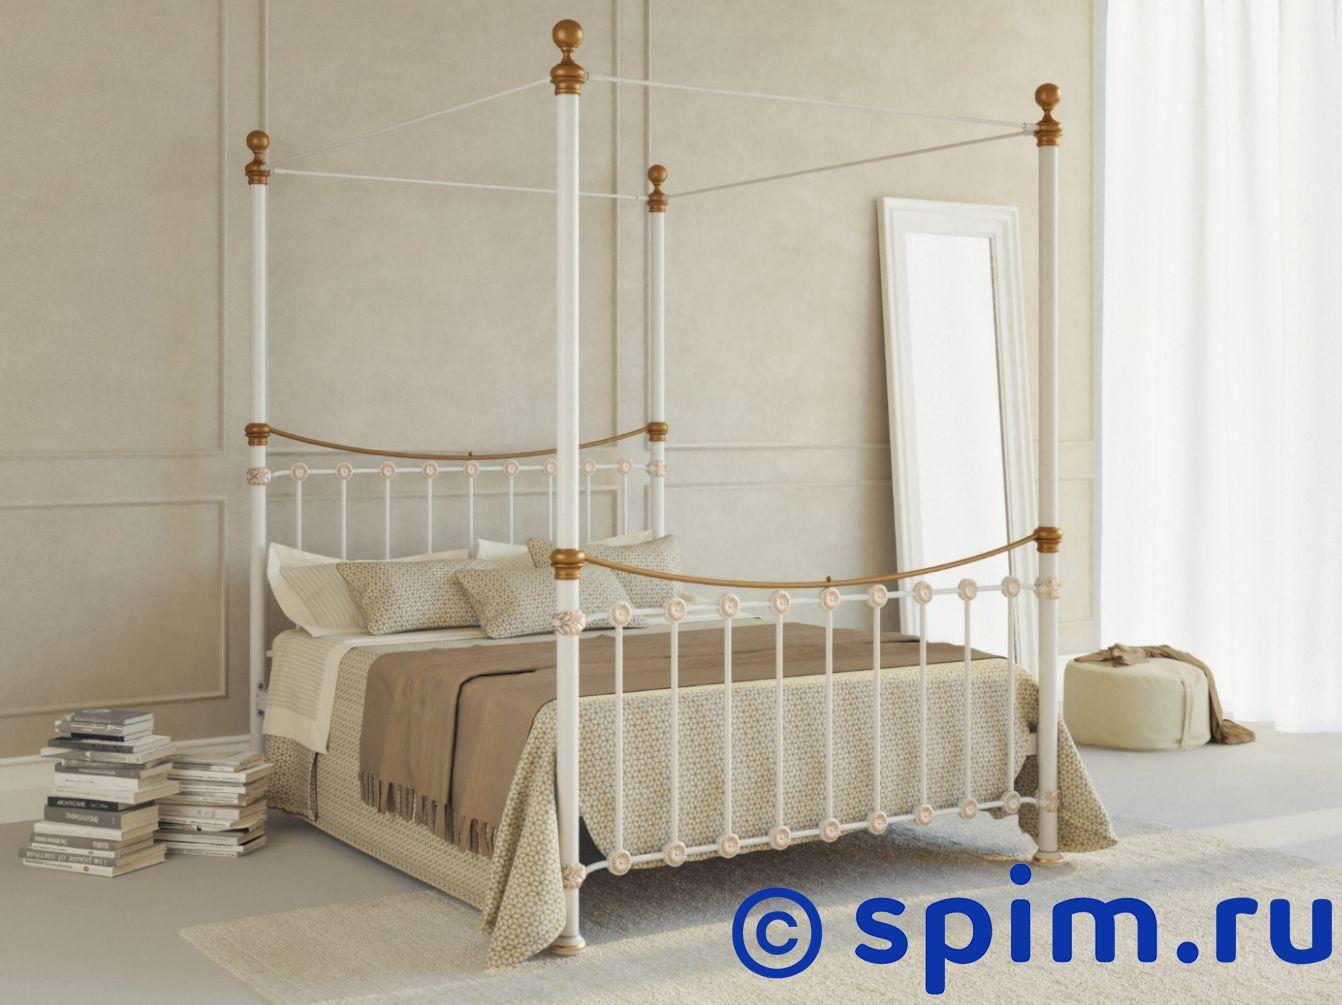 Кровать Originals by Dreamline Sunshine (2 спинки) 140х190 см